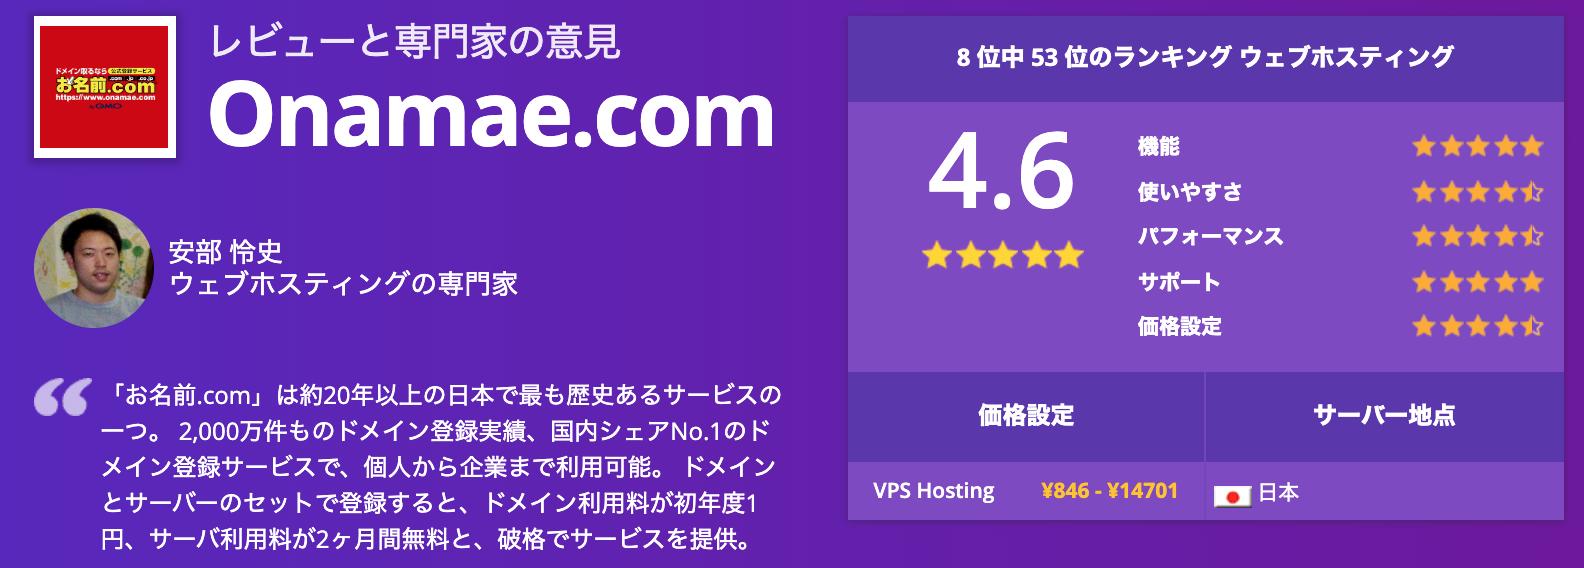 お名前ドットコムの評判・レビューページ(WebsitePlanet)